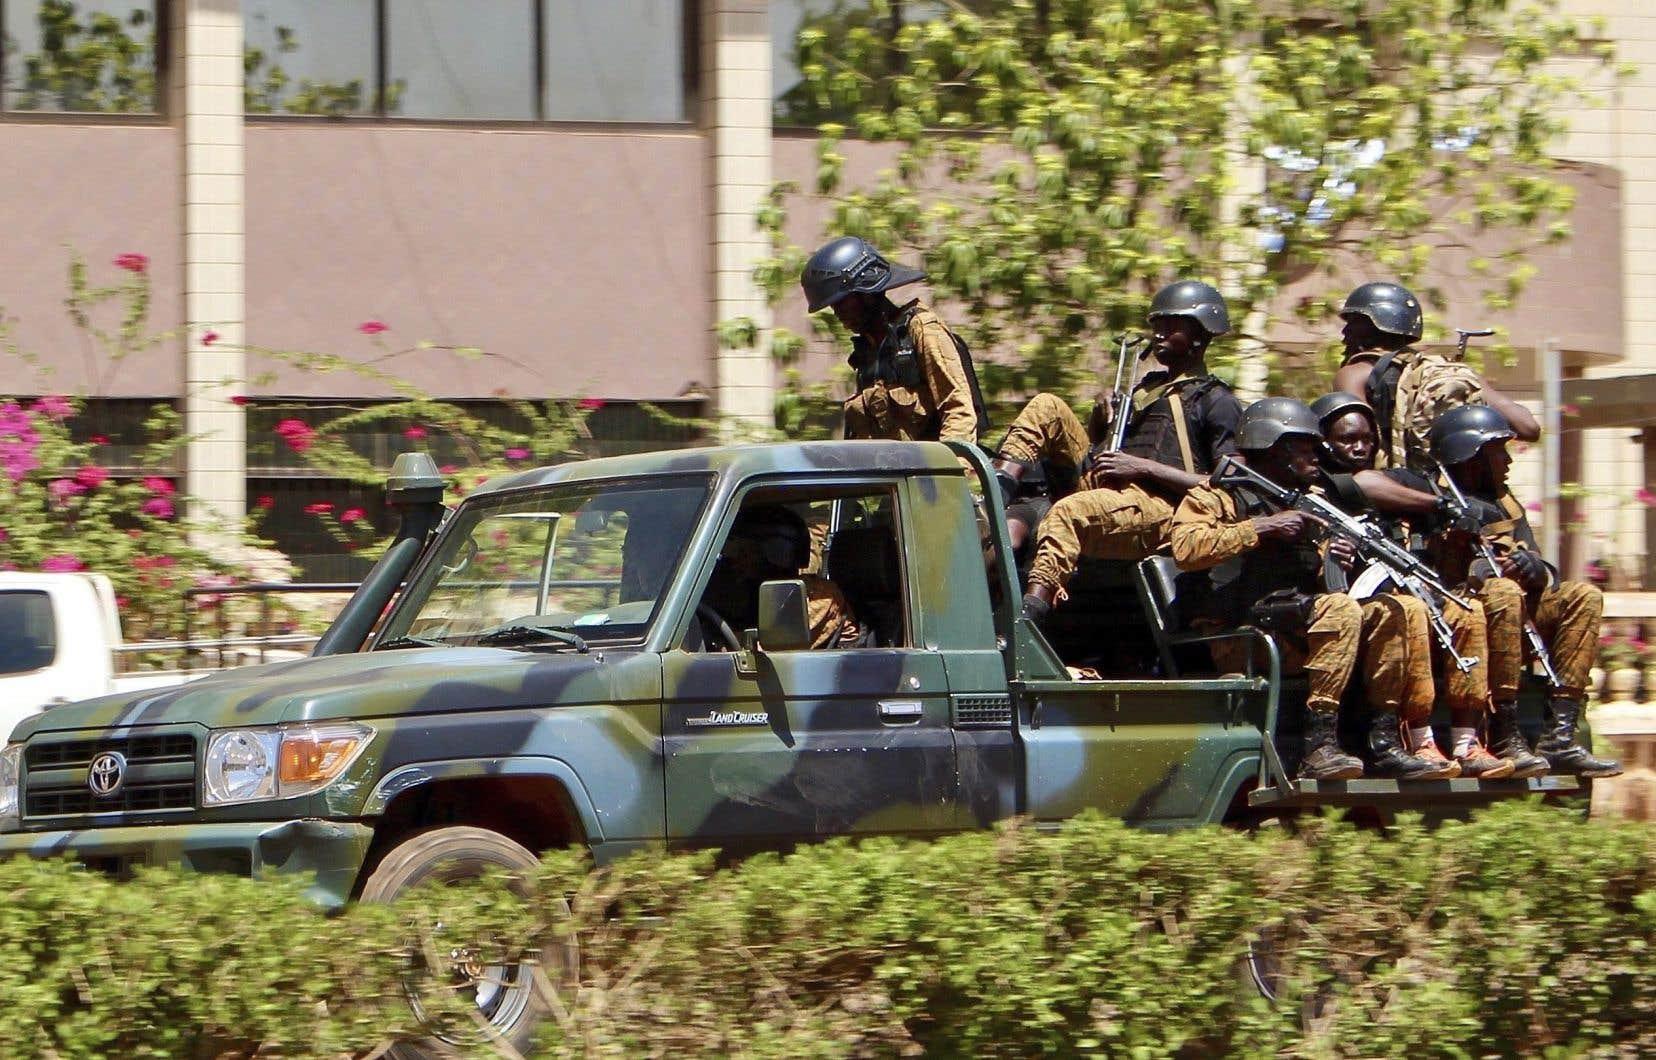 Confronté depuis quatre ans à des attaques djihadistes de plus en plus fréquentes et meurtrières, le Burkina Faso enregistre également des affrontements intercommunautaires.